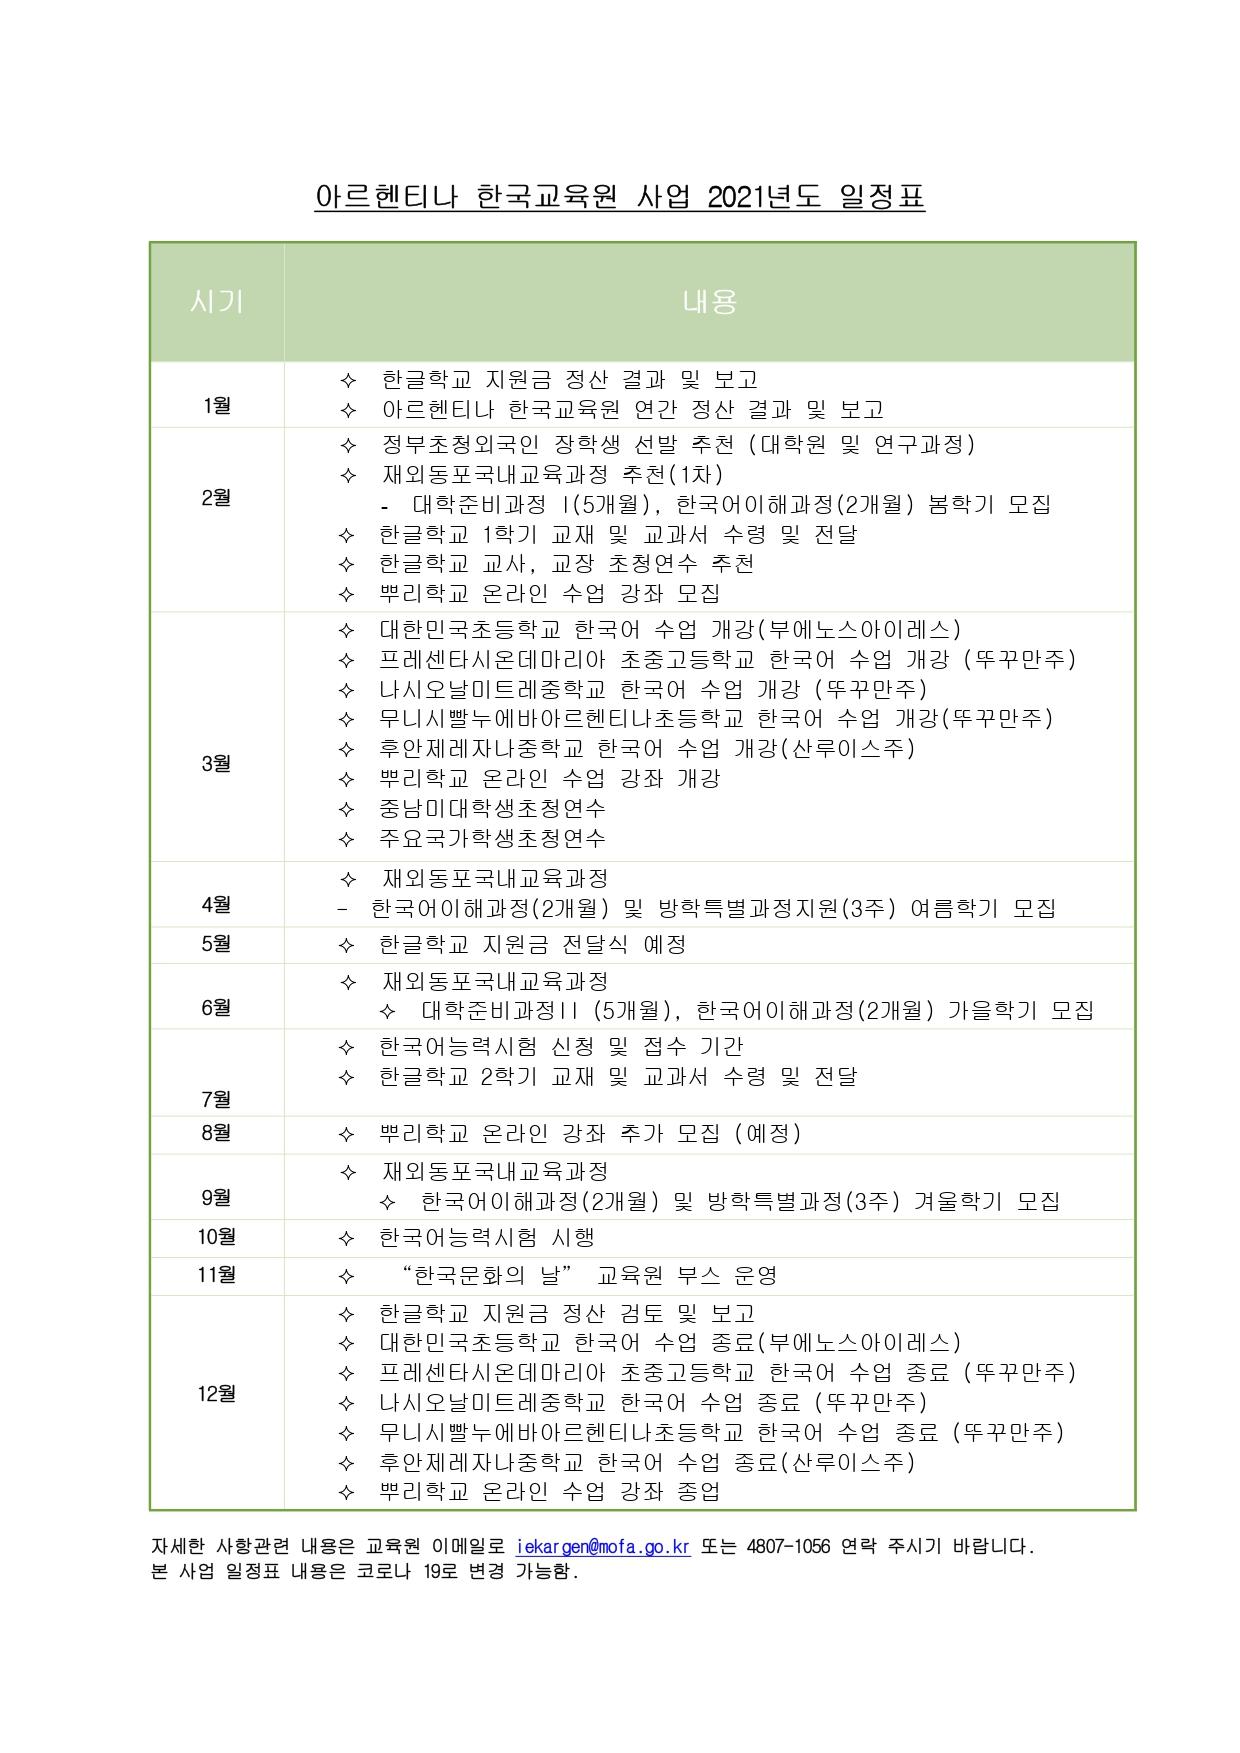 아르헨티나한국교육원연간일정표-CCE Actividades 2021_page-0001.jpg